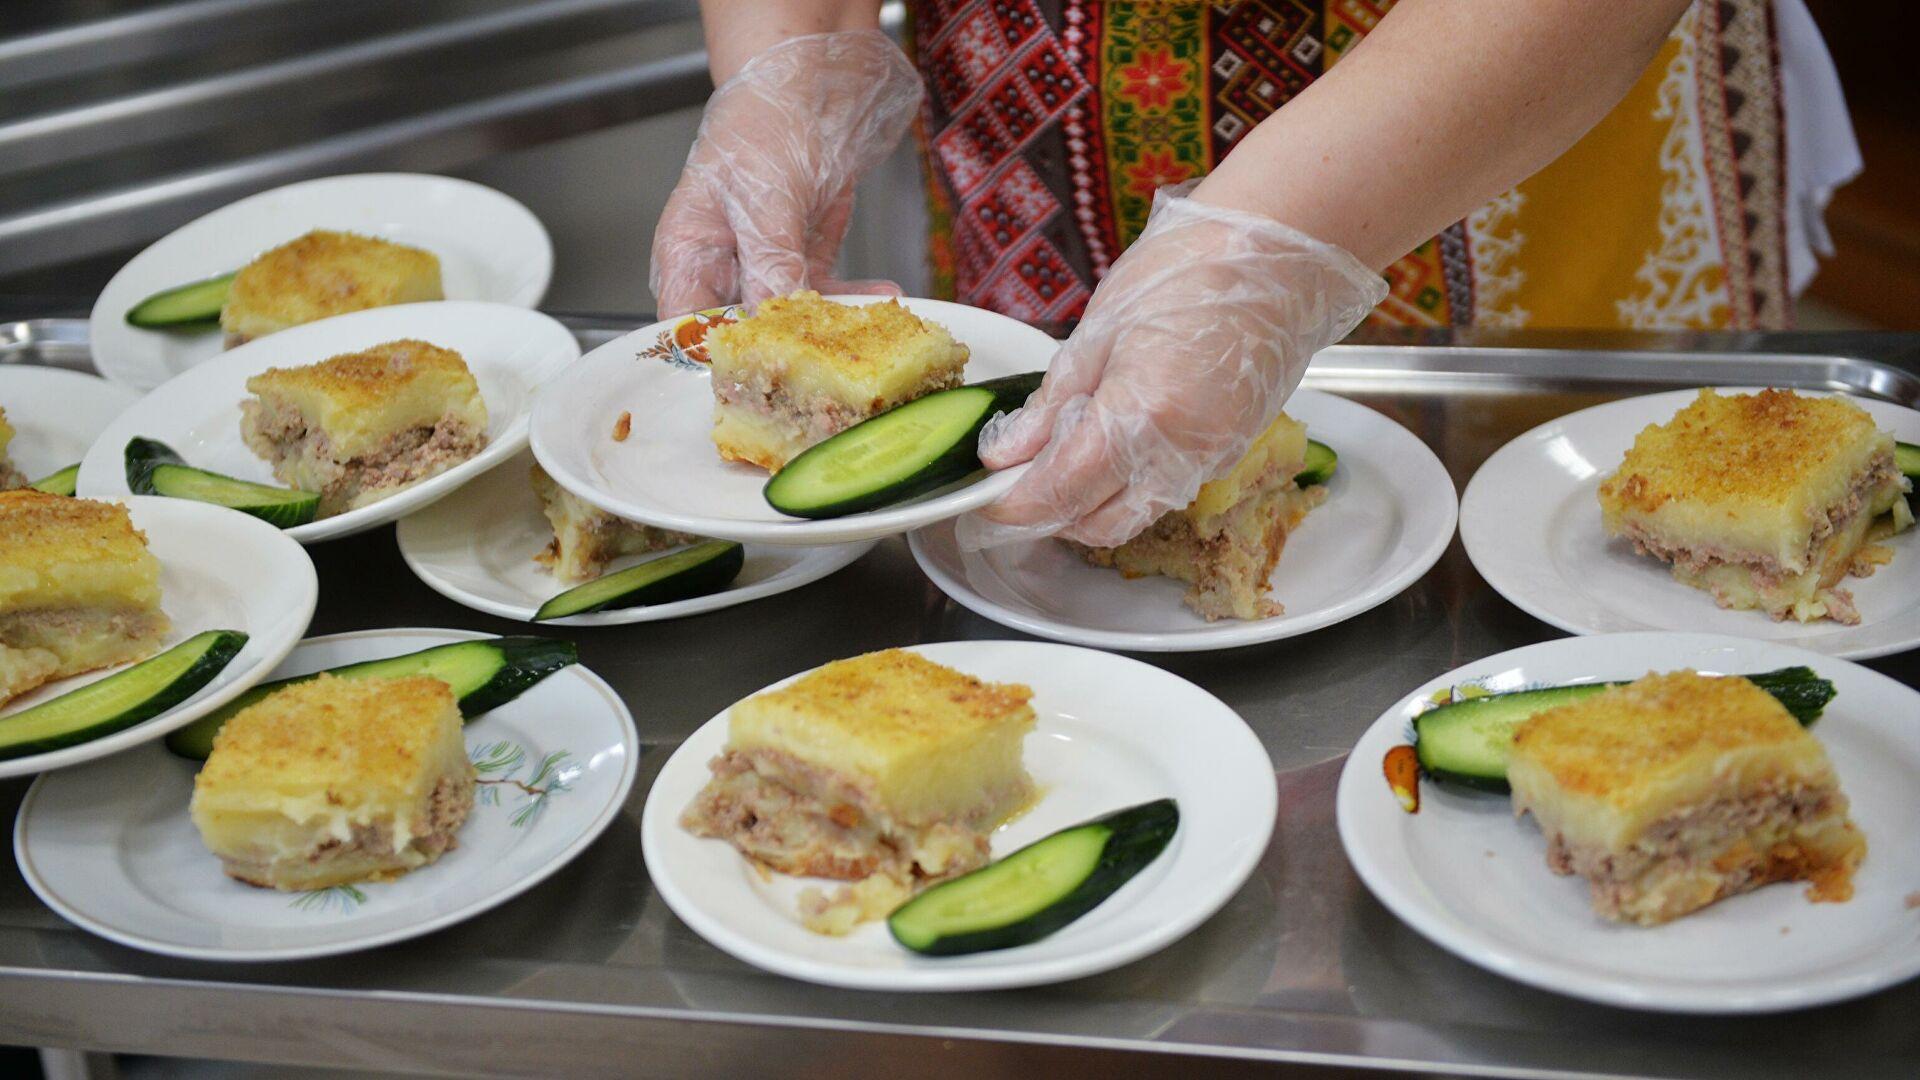 Роспотребнадзор запретил в школах макароны по-флотски, блины и колбасу